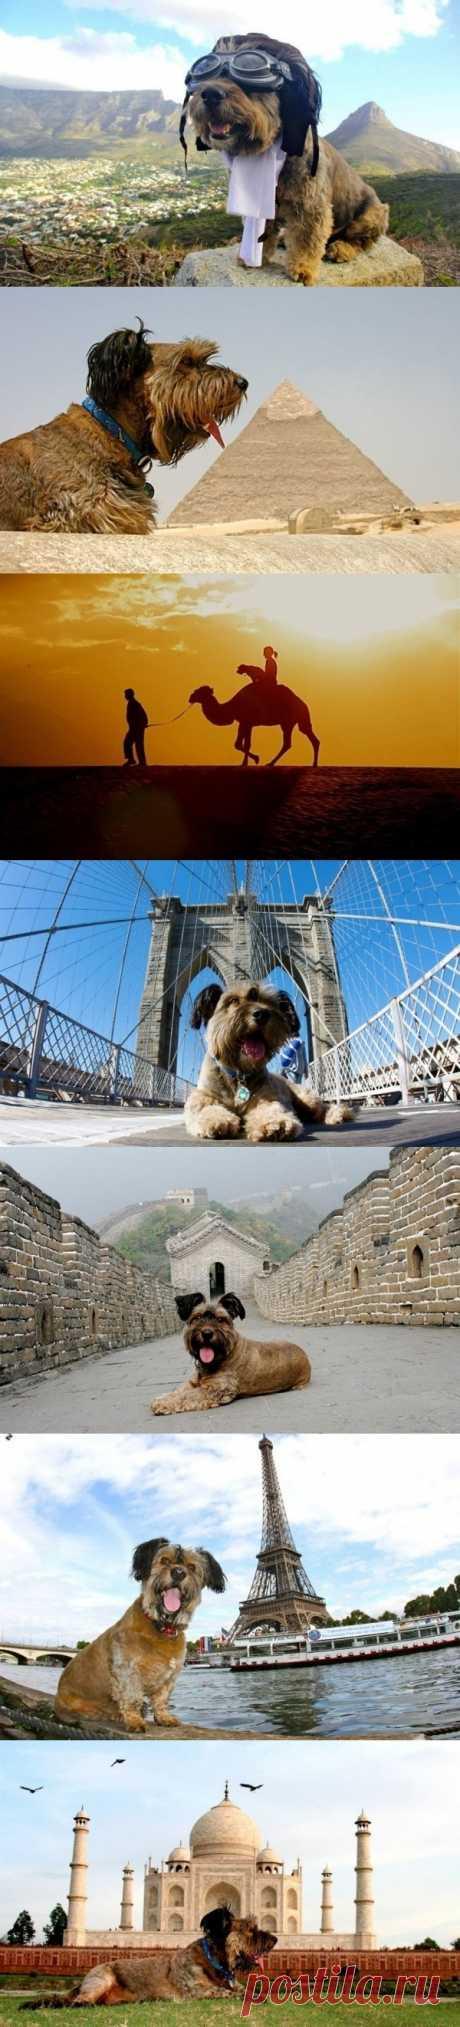 La historia conmovedora sobre el perro-viajero